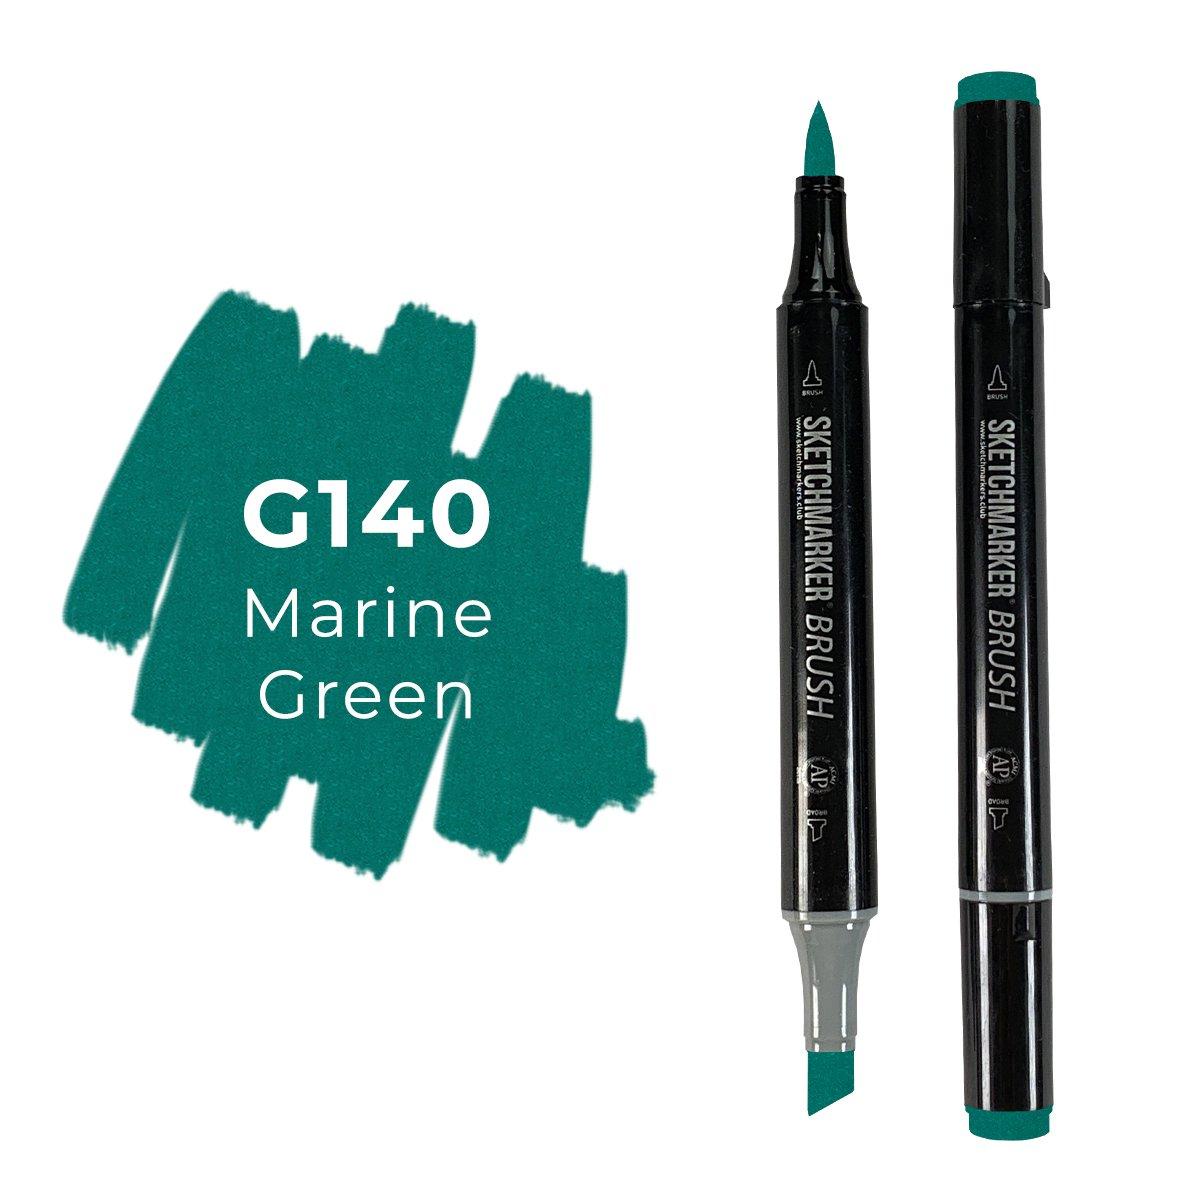 SKETCHMARKER BRUSH PRO Color: Marine Green